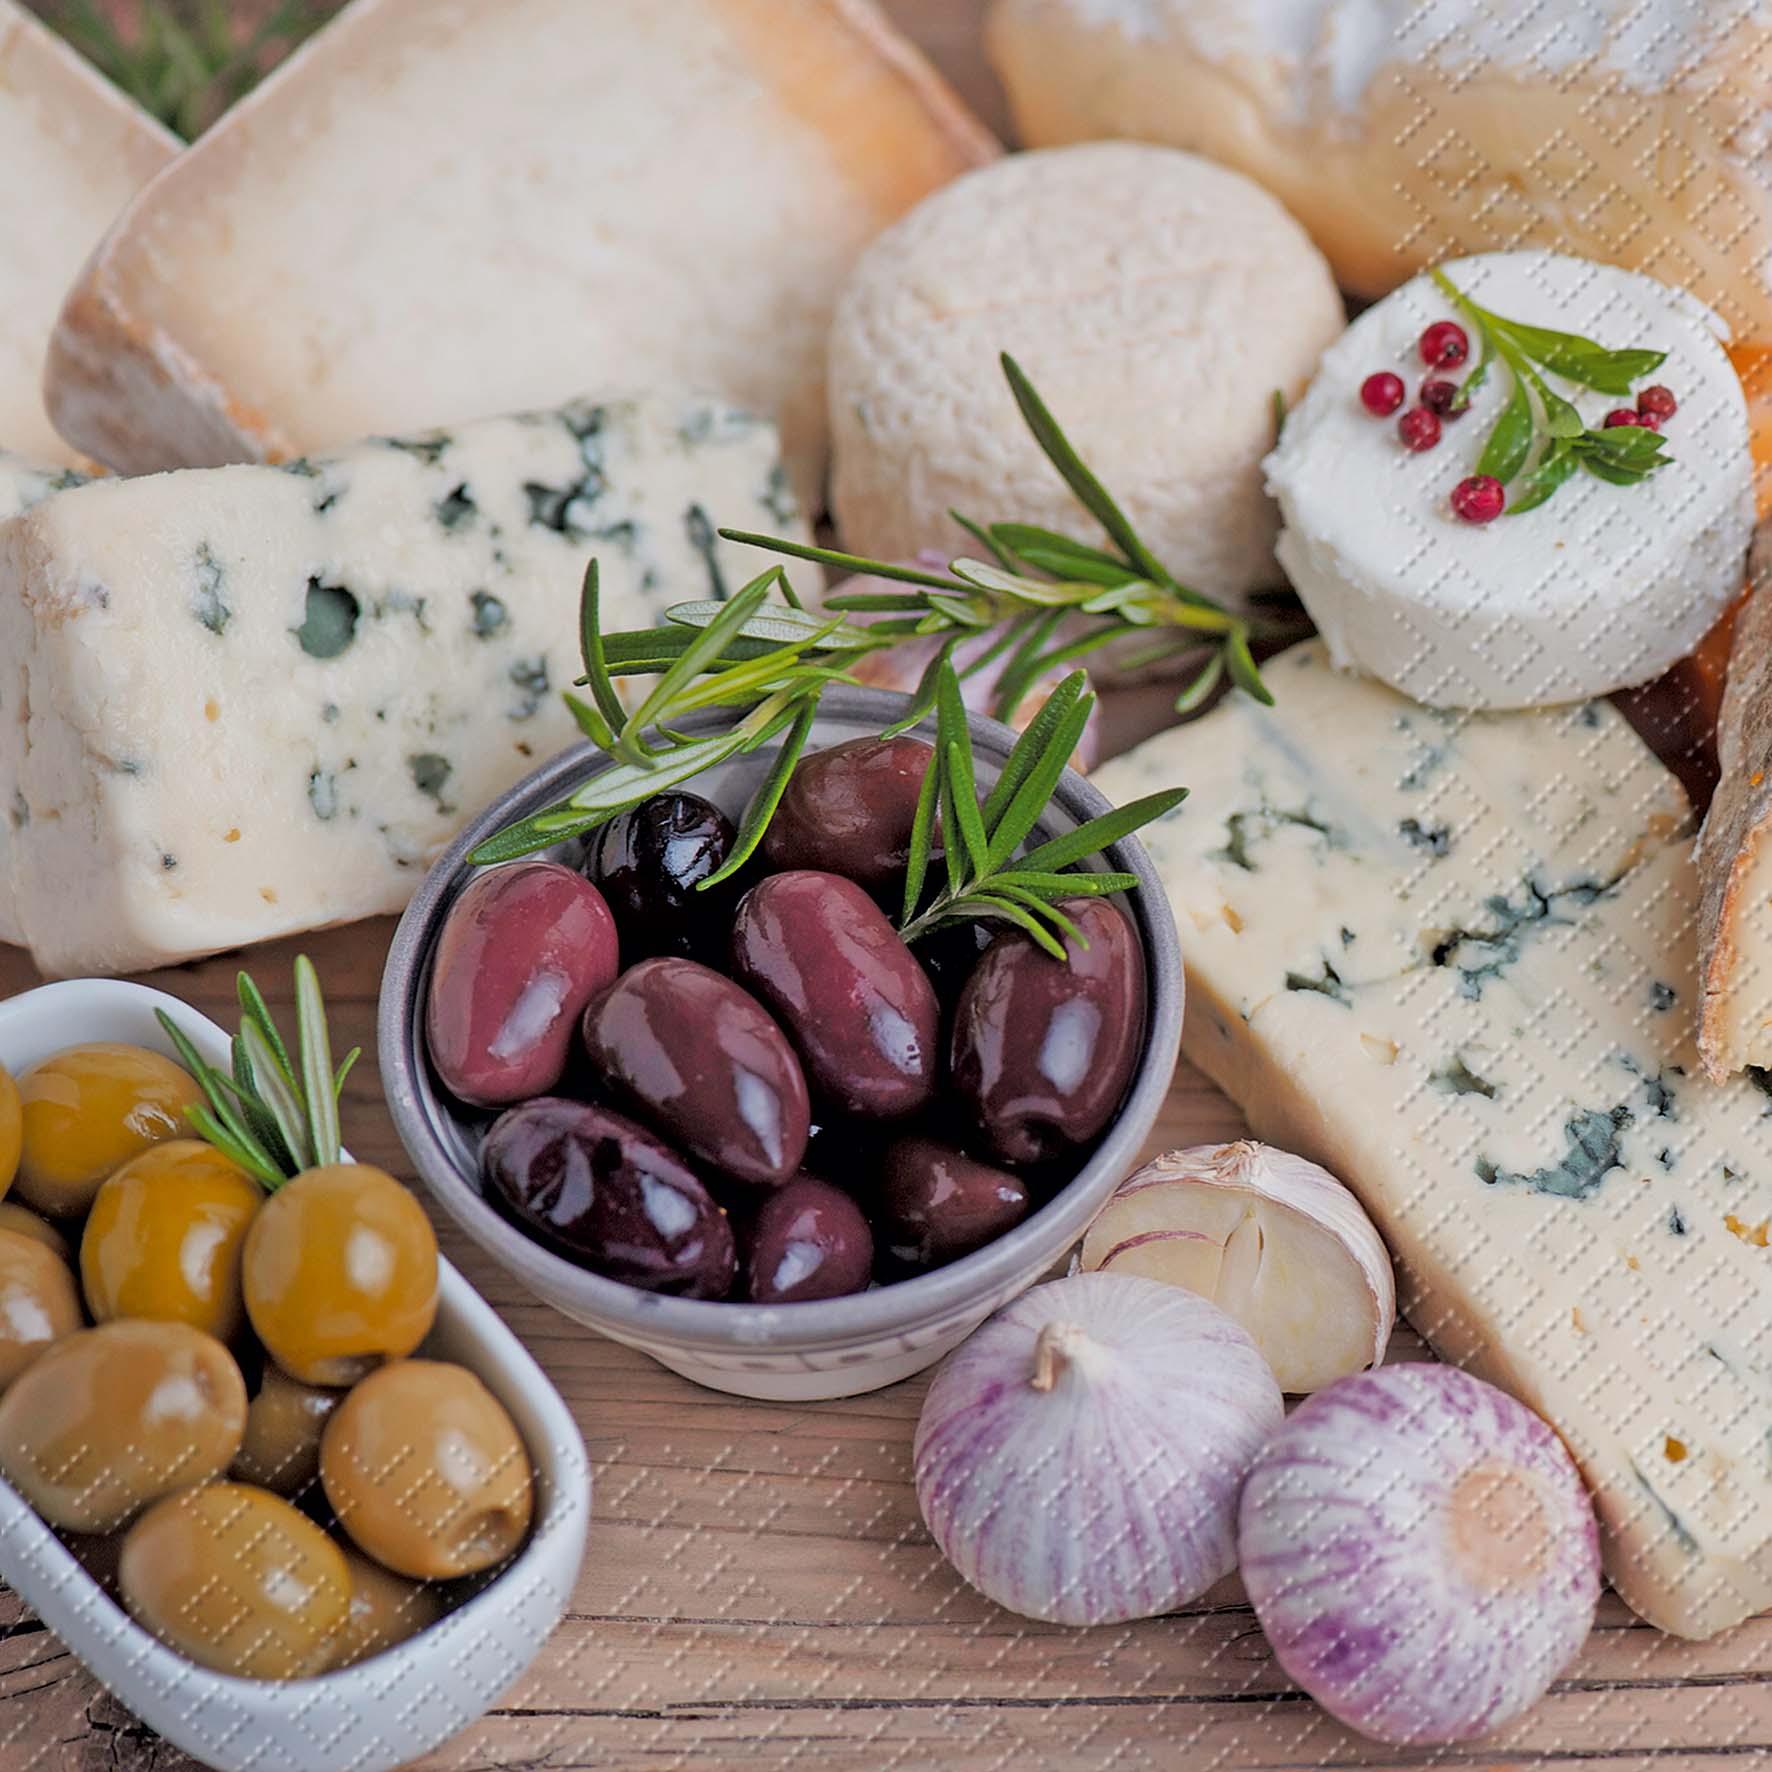 stewo AG,  Früchte - Oliven,  Essen - Käse,  Everyday,  lunchservietten,  Oliven,  Käse